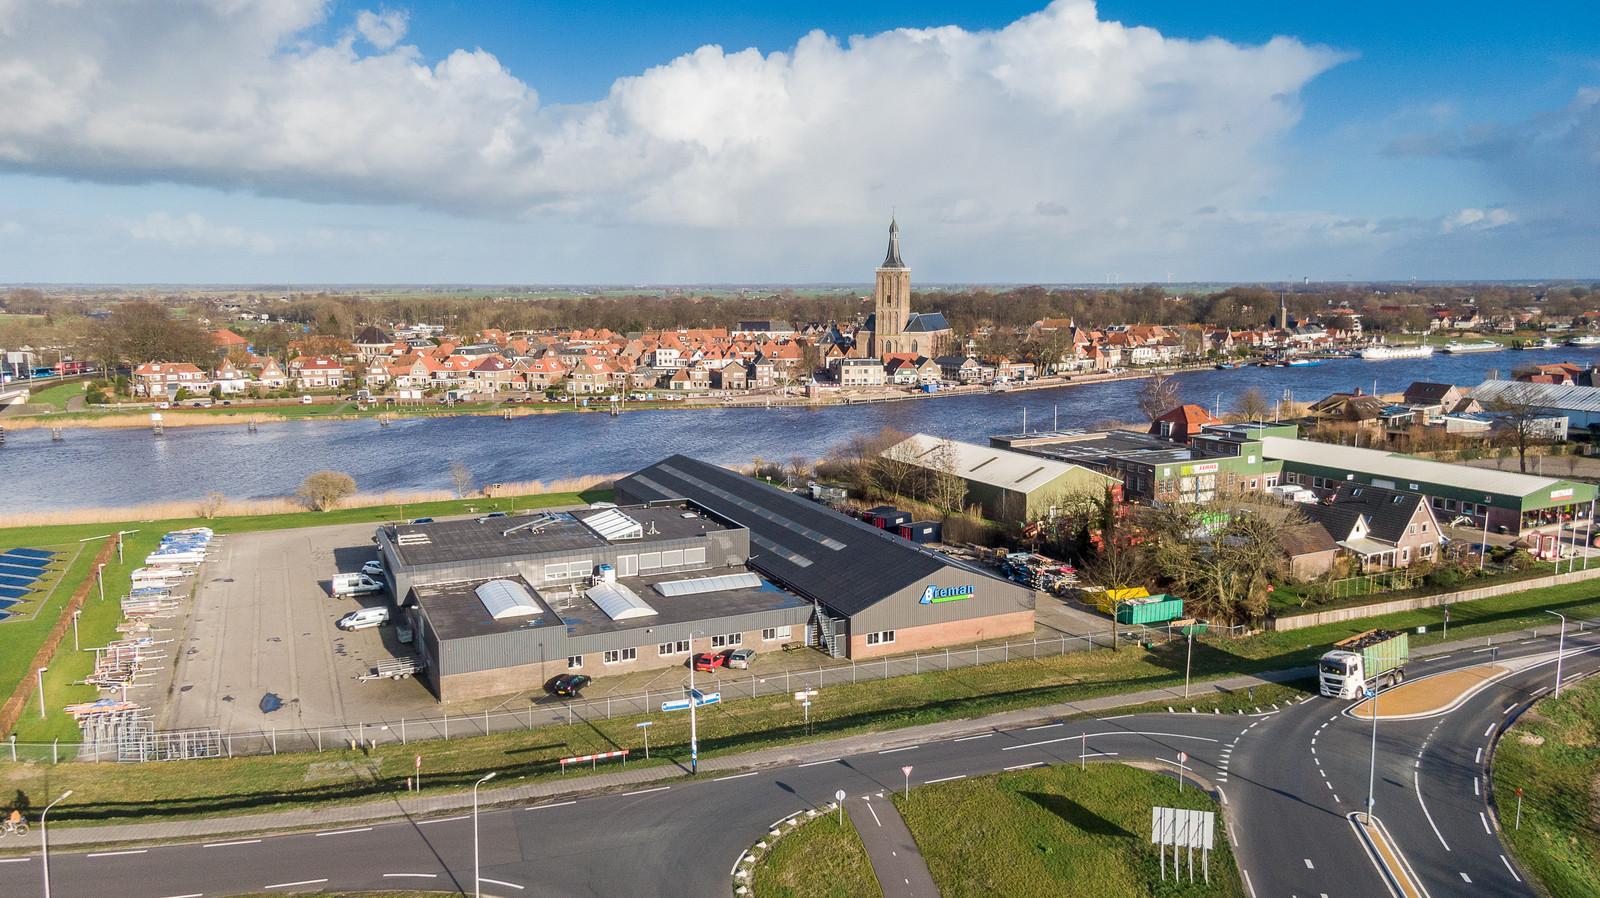 De vestiging van installatiebedrijf Breman in Hasselt. De directeur is geschorst door de Breman-directie even verderop in Genemuiden.